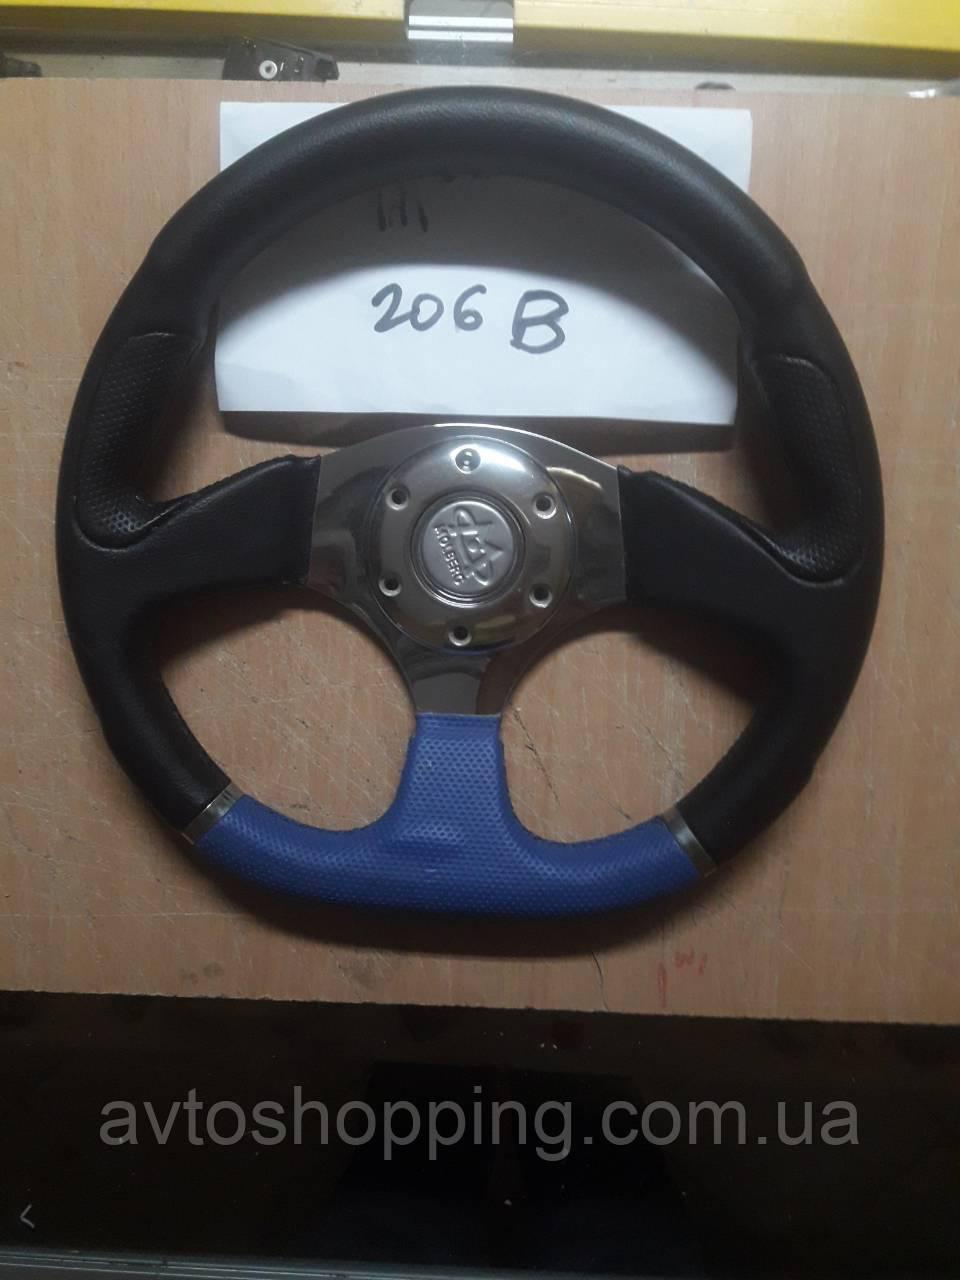 Руль Спортивный Спорт 206В Синий с черным, Турция Лада ,Таврия ,Ваз,Ланос,Самара,опель